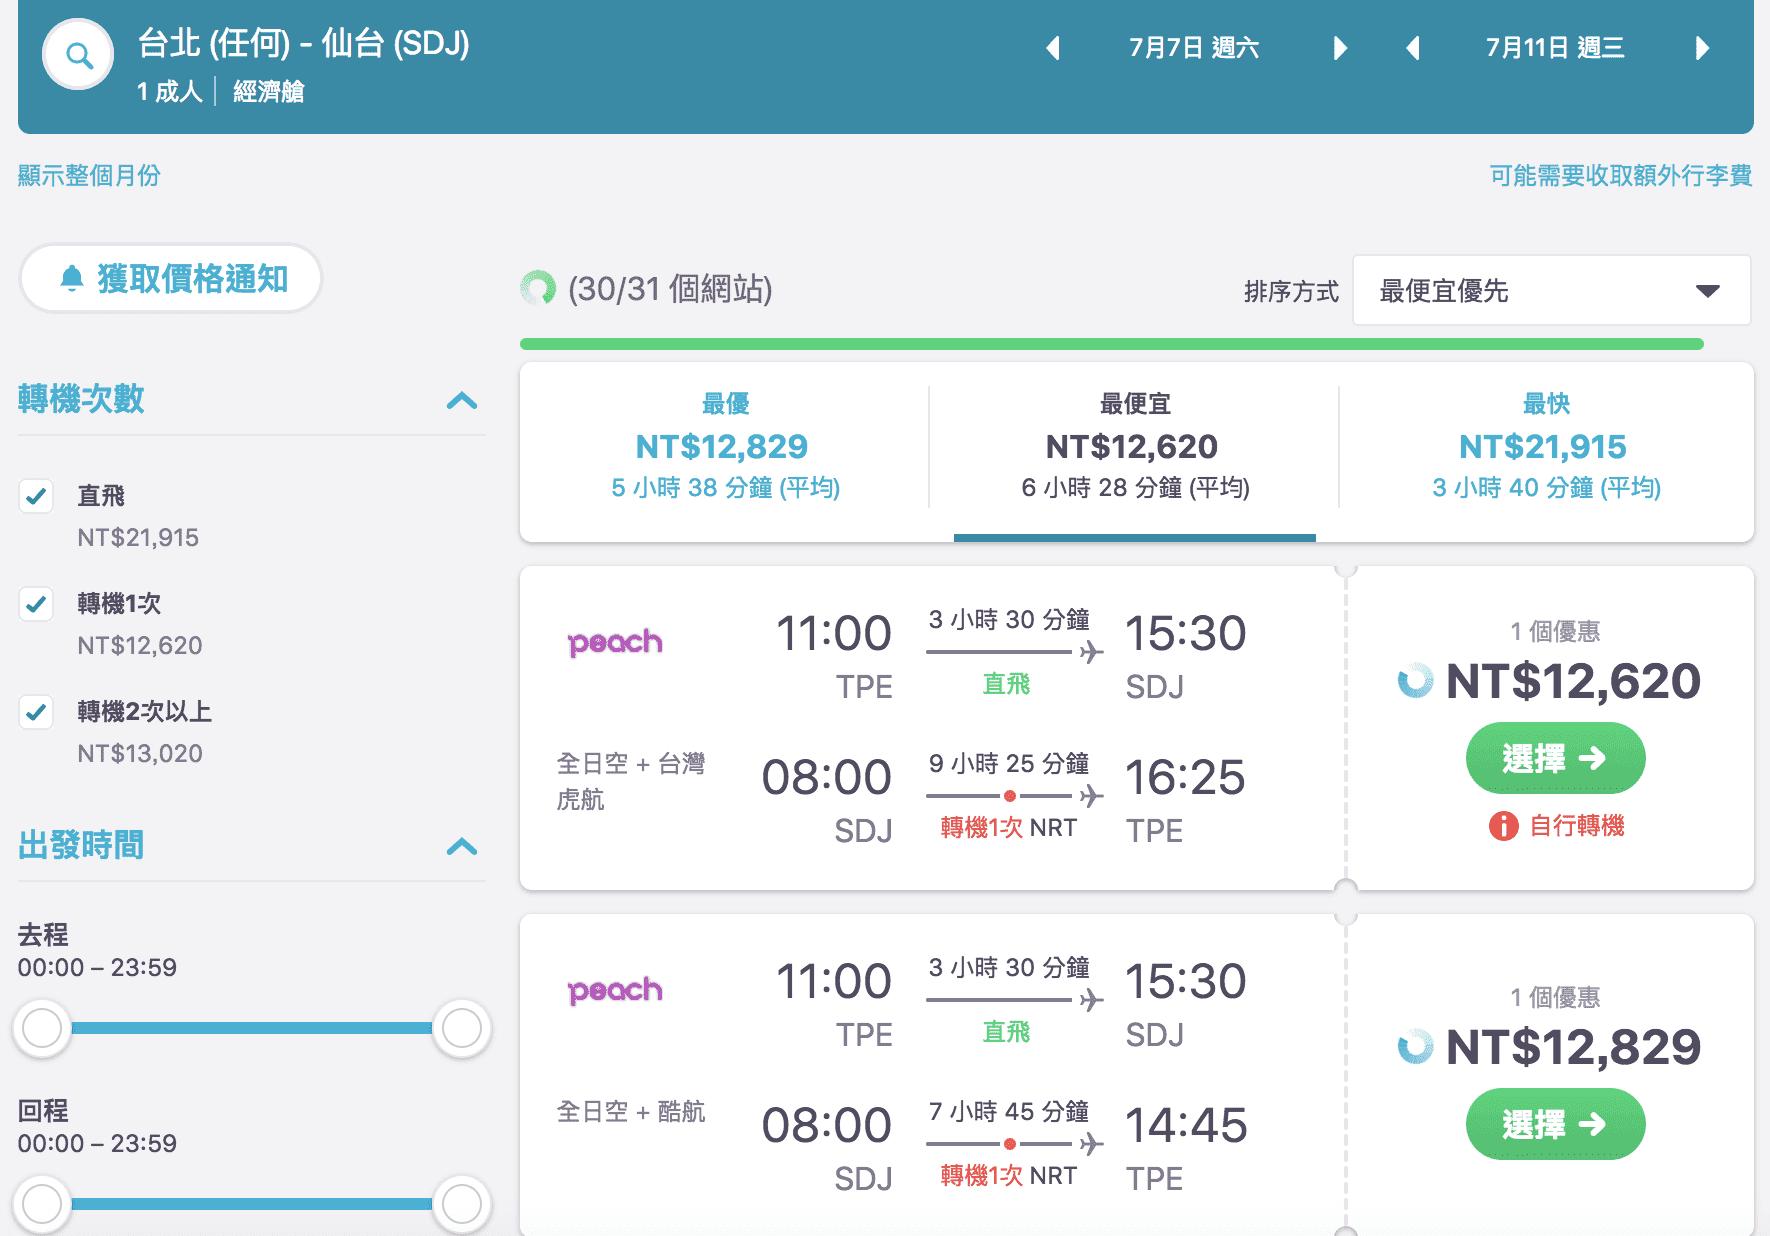 虎航夏季秋楓,東北繽紛特價!花卷、仙台特價!(107/4/16)